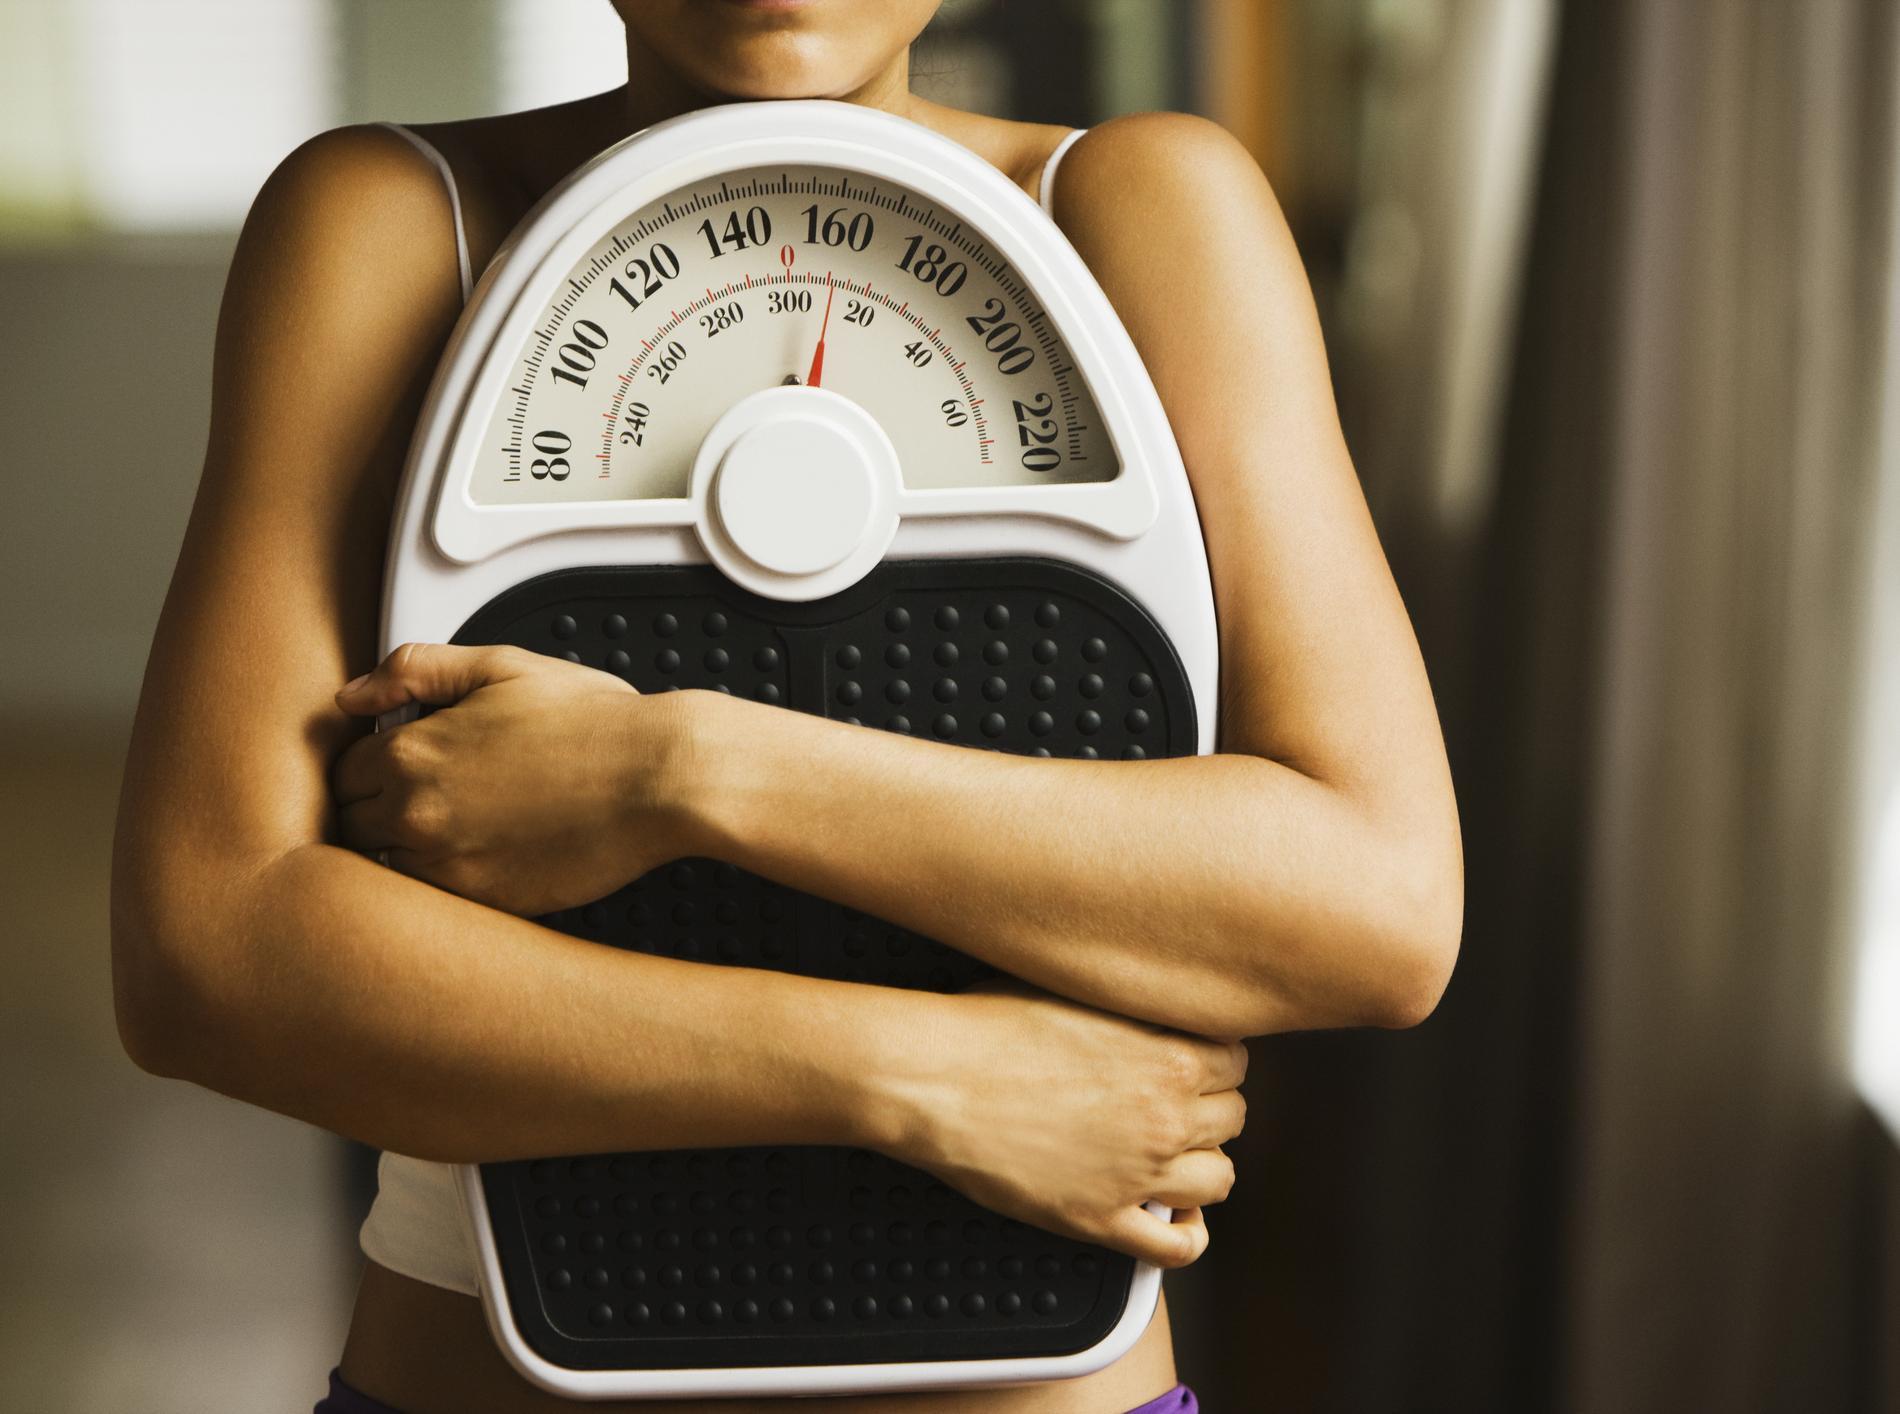 mauvais de perdre du poids trop vite